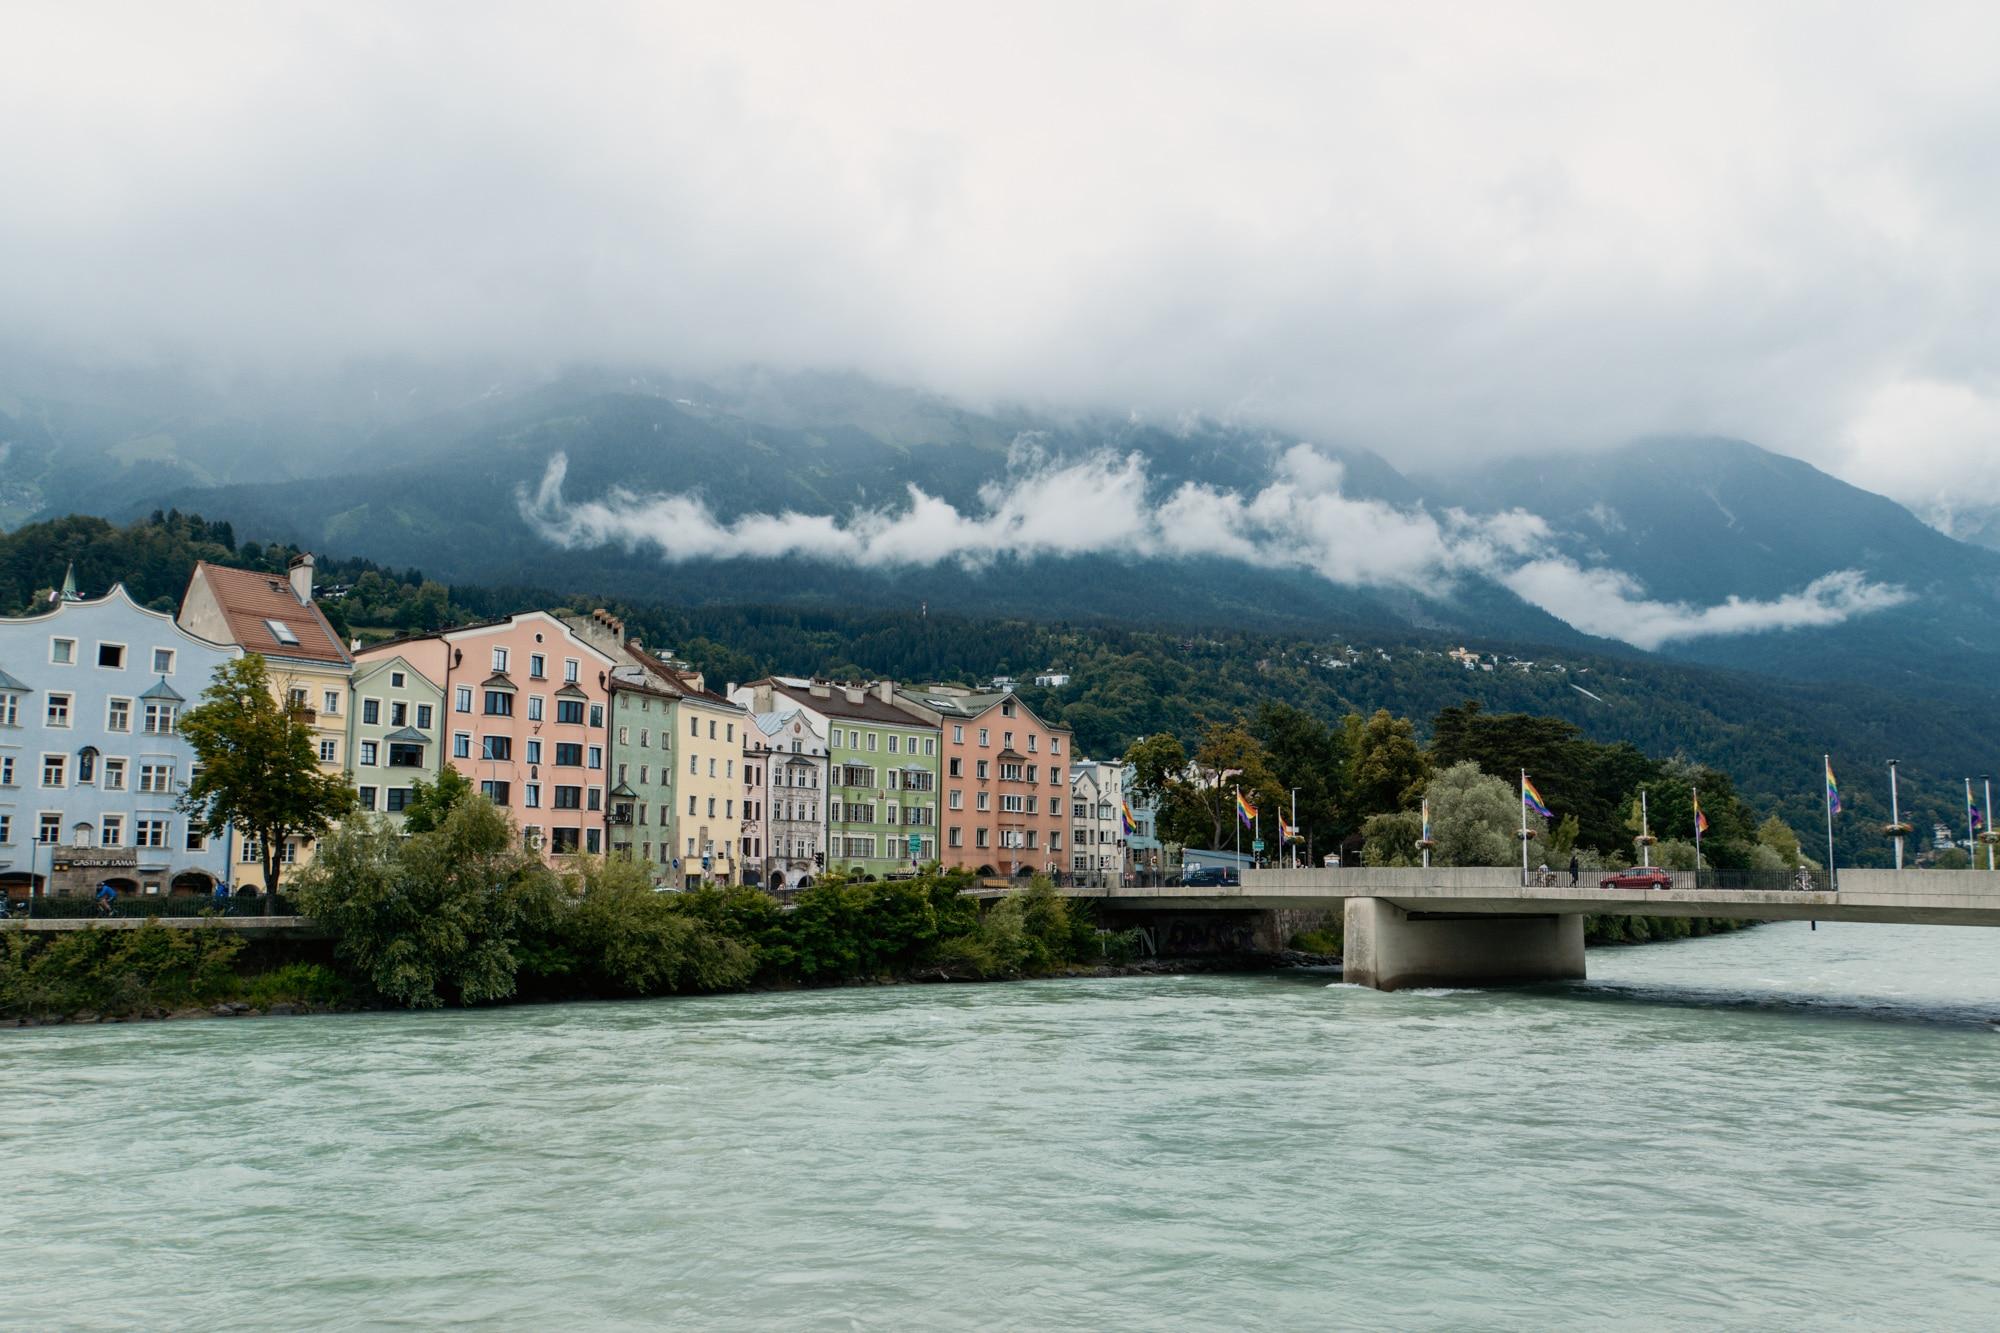 Innsbruck Sehenswürdigkeiten: Top Ten Highlights und Tipps für die Stadt - Aussicht Maria-Hilf